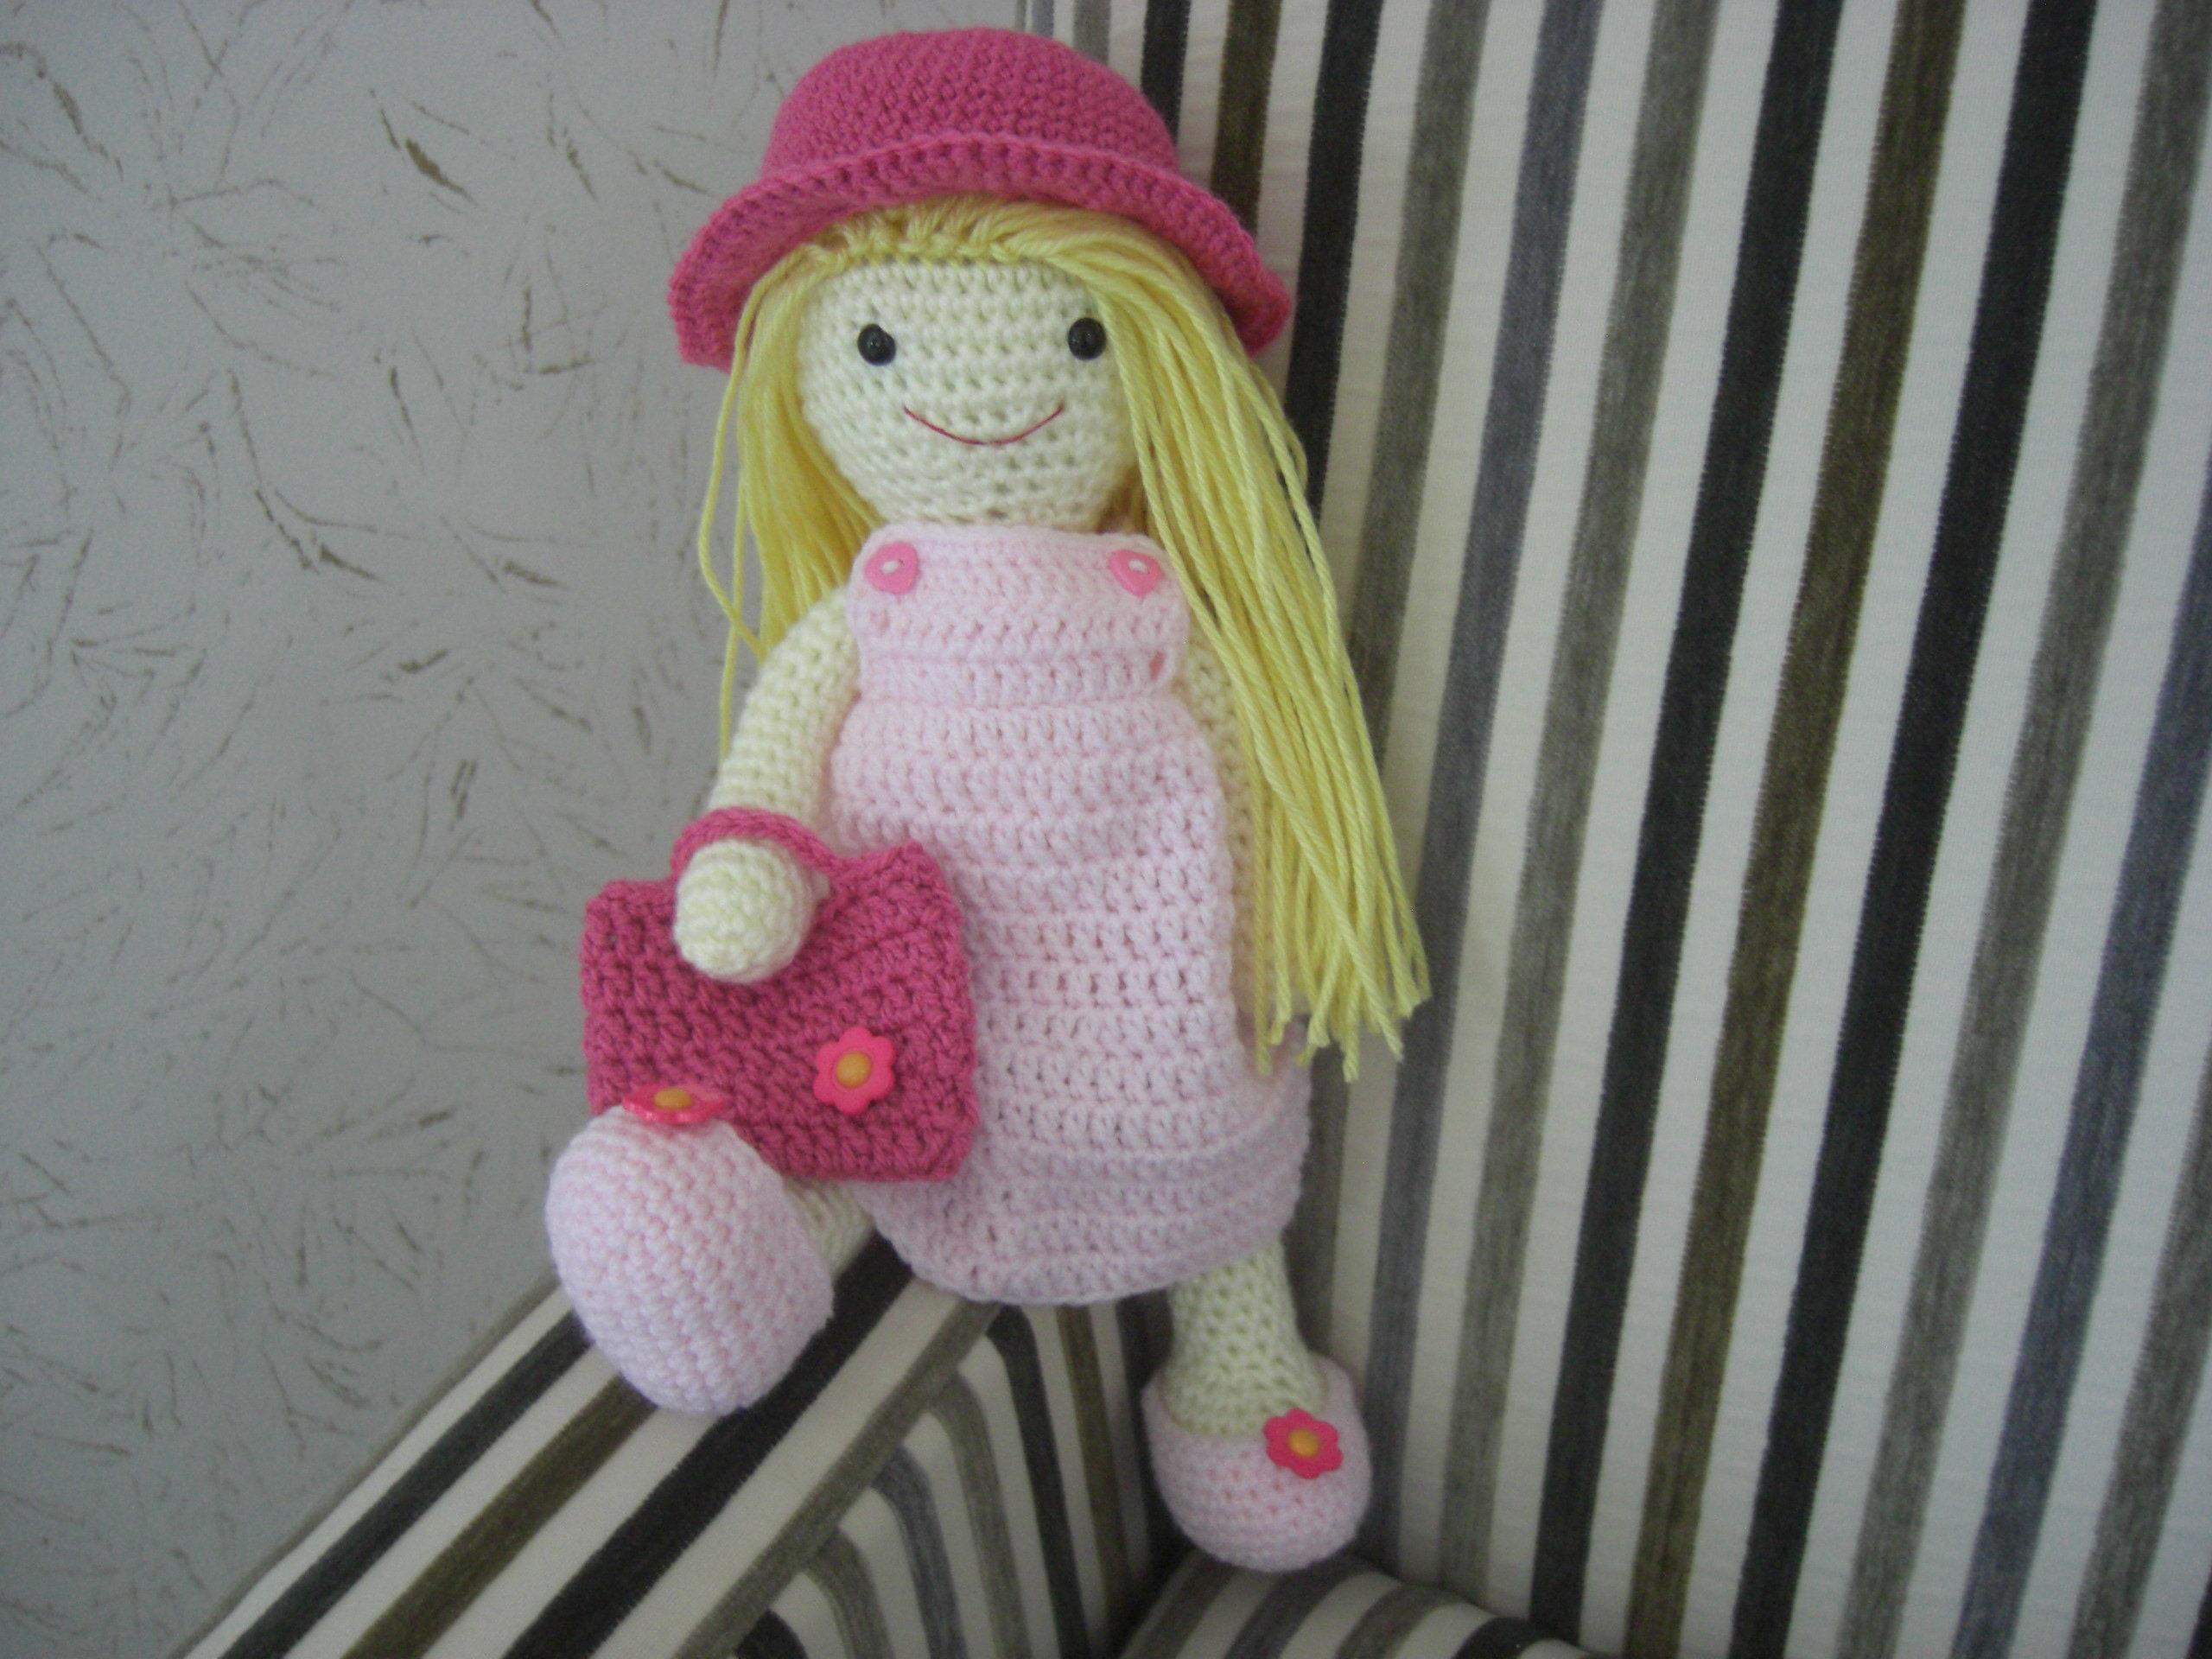 Dress Up Dolls Amigurumi Crochet Patterns: 5 big dolls with ...   1920x2560